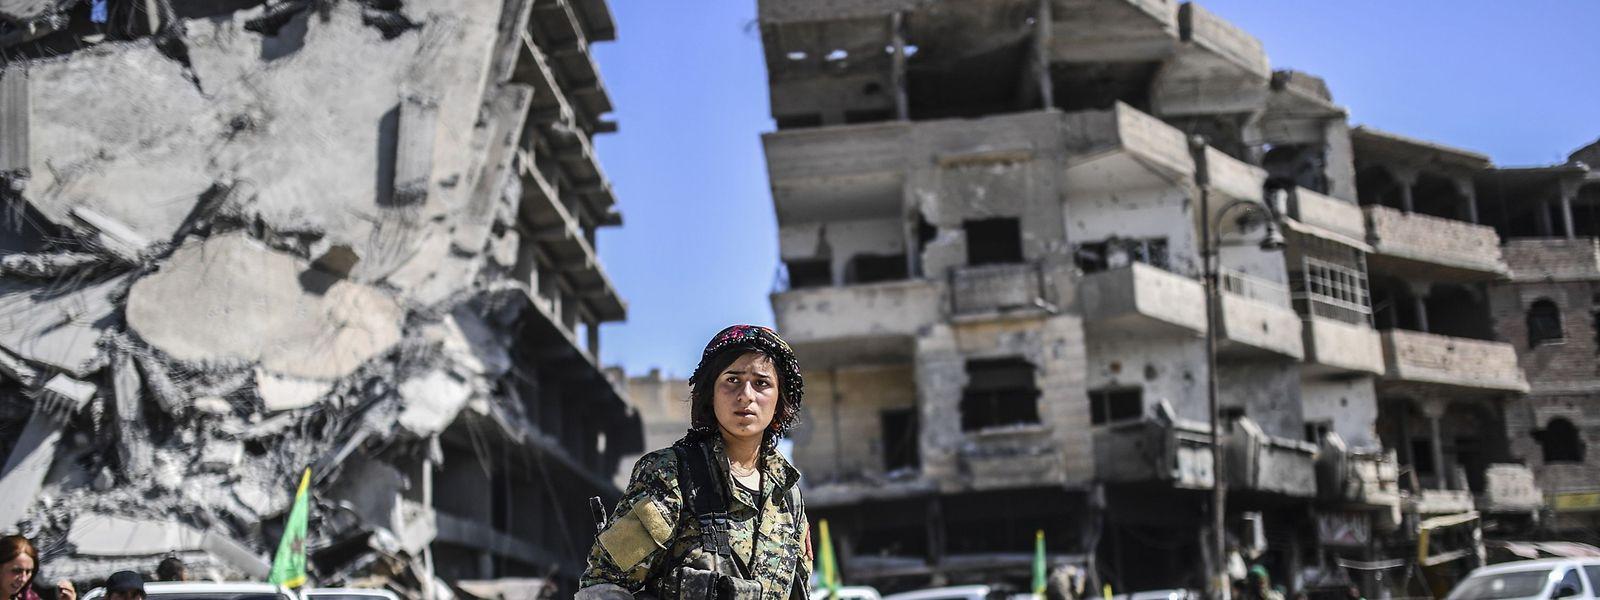 Soldatinnen der Syrischen Demokratischen Kräfte (SDF) in der befreiten Stadt Al-Rakka.